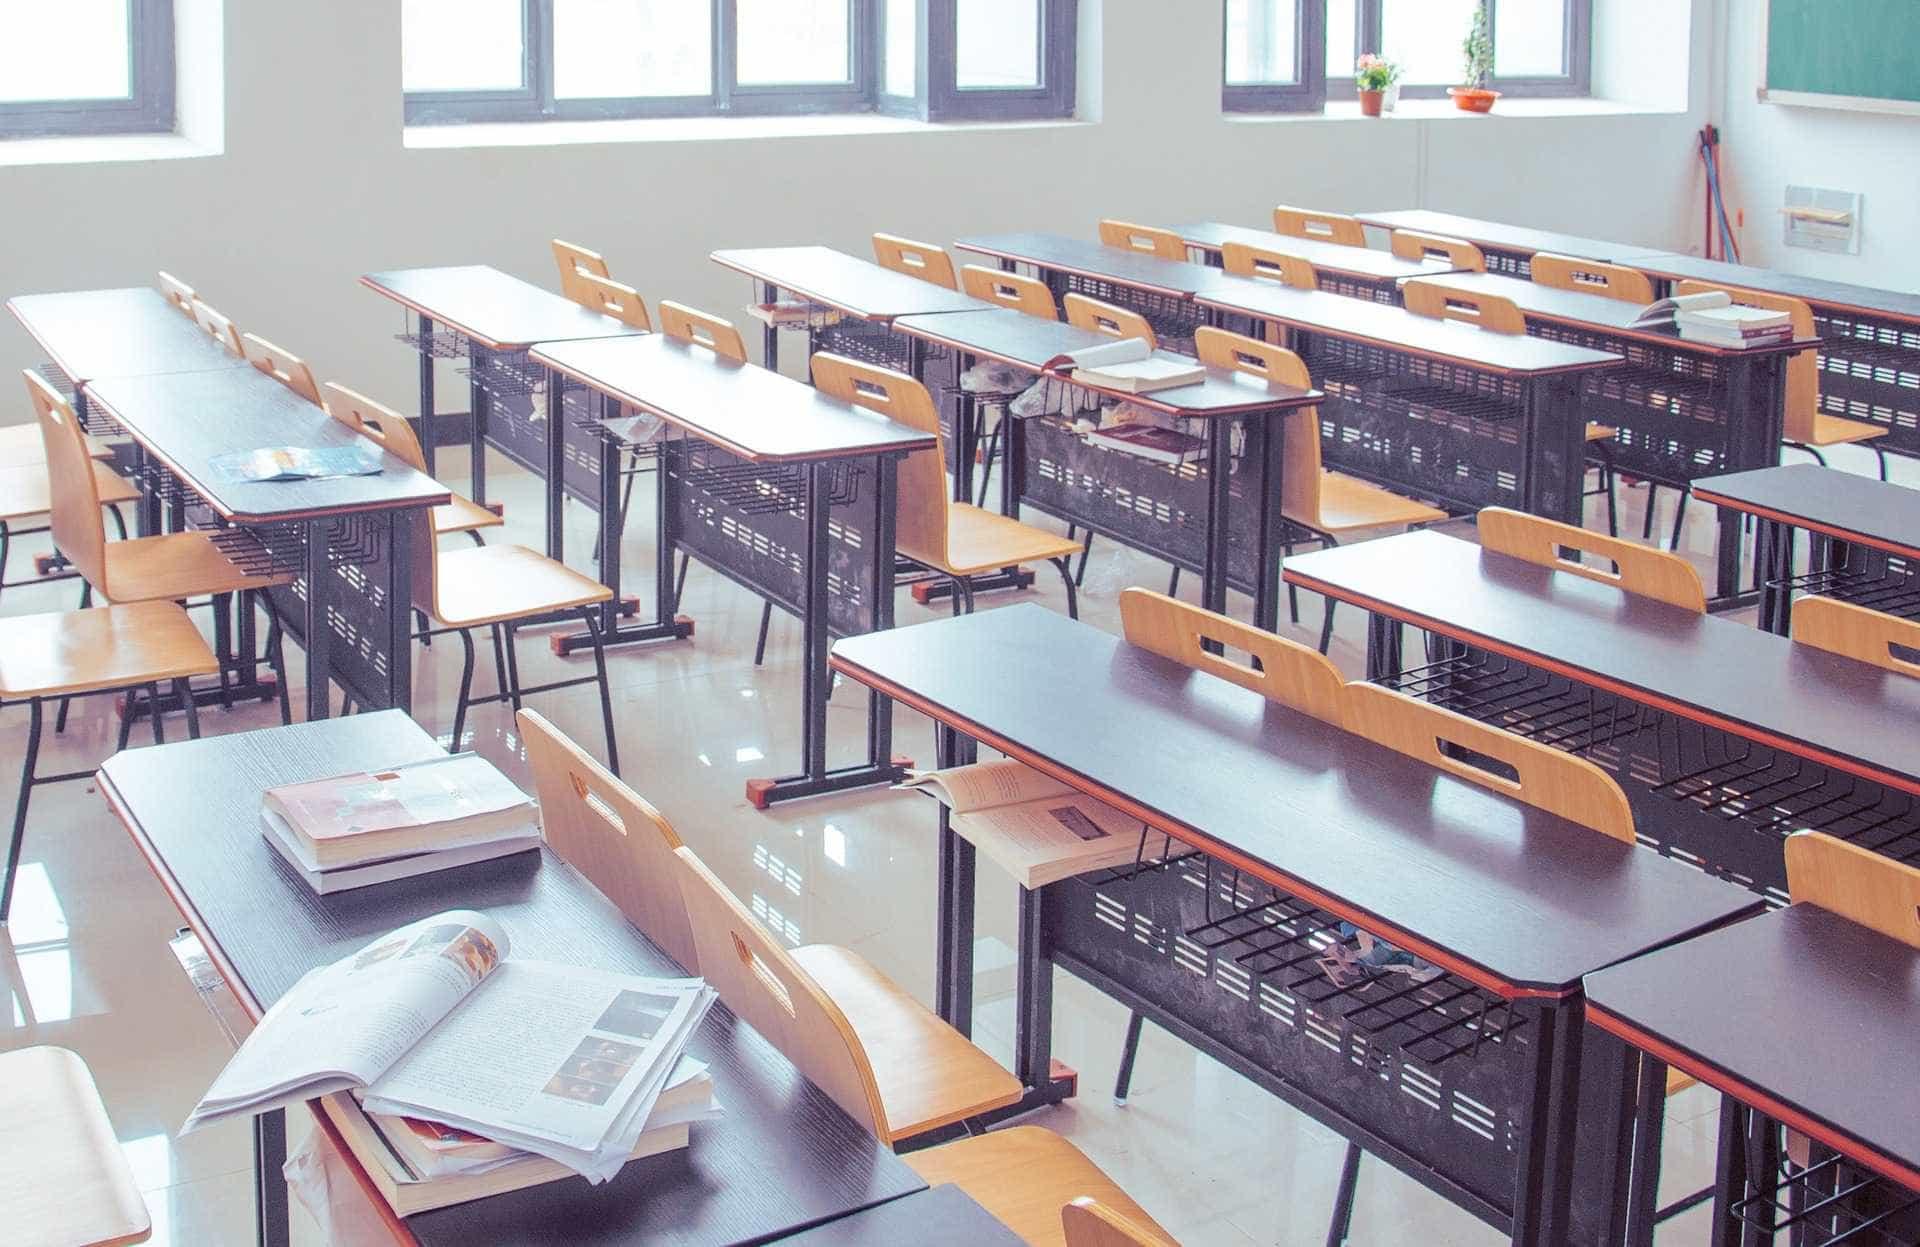 Alunos fazem ataque racista contra professora em SP: 'Galinha preta'